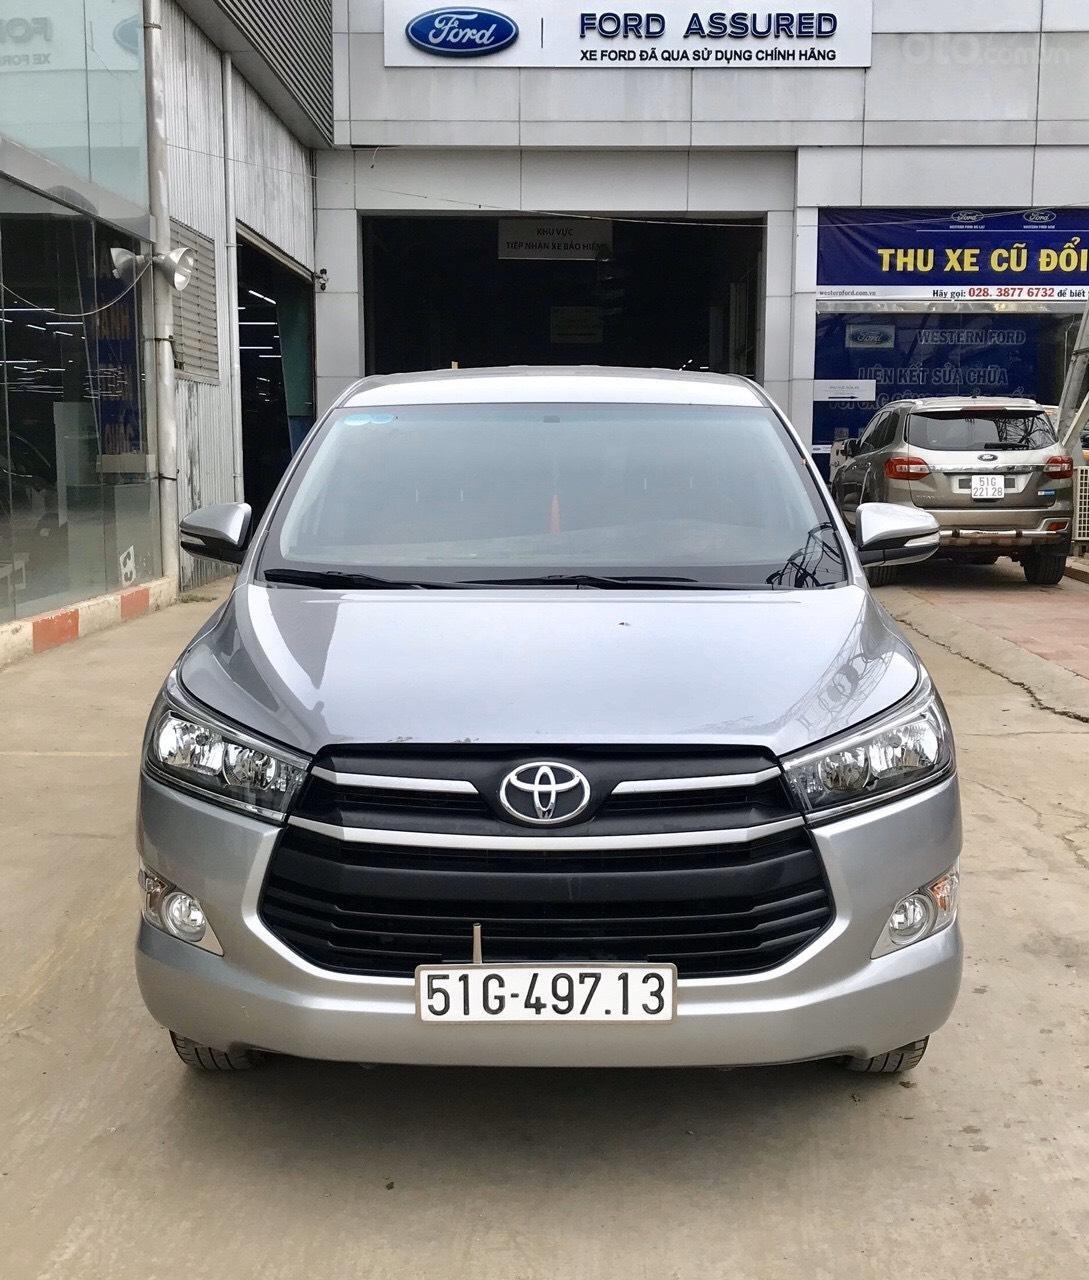 Bán Toyota Innova 2.0E MT 2017, full option xe bán tại hãng có bảo hành (1)